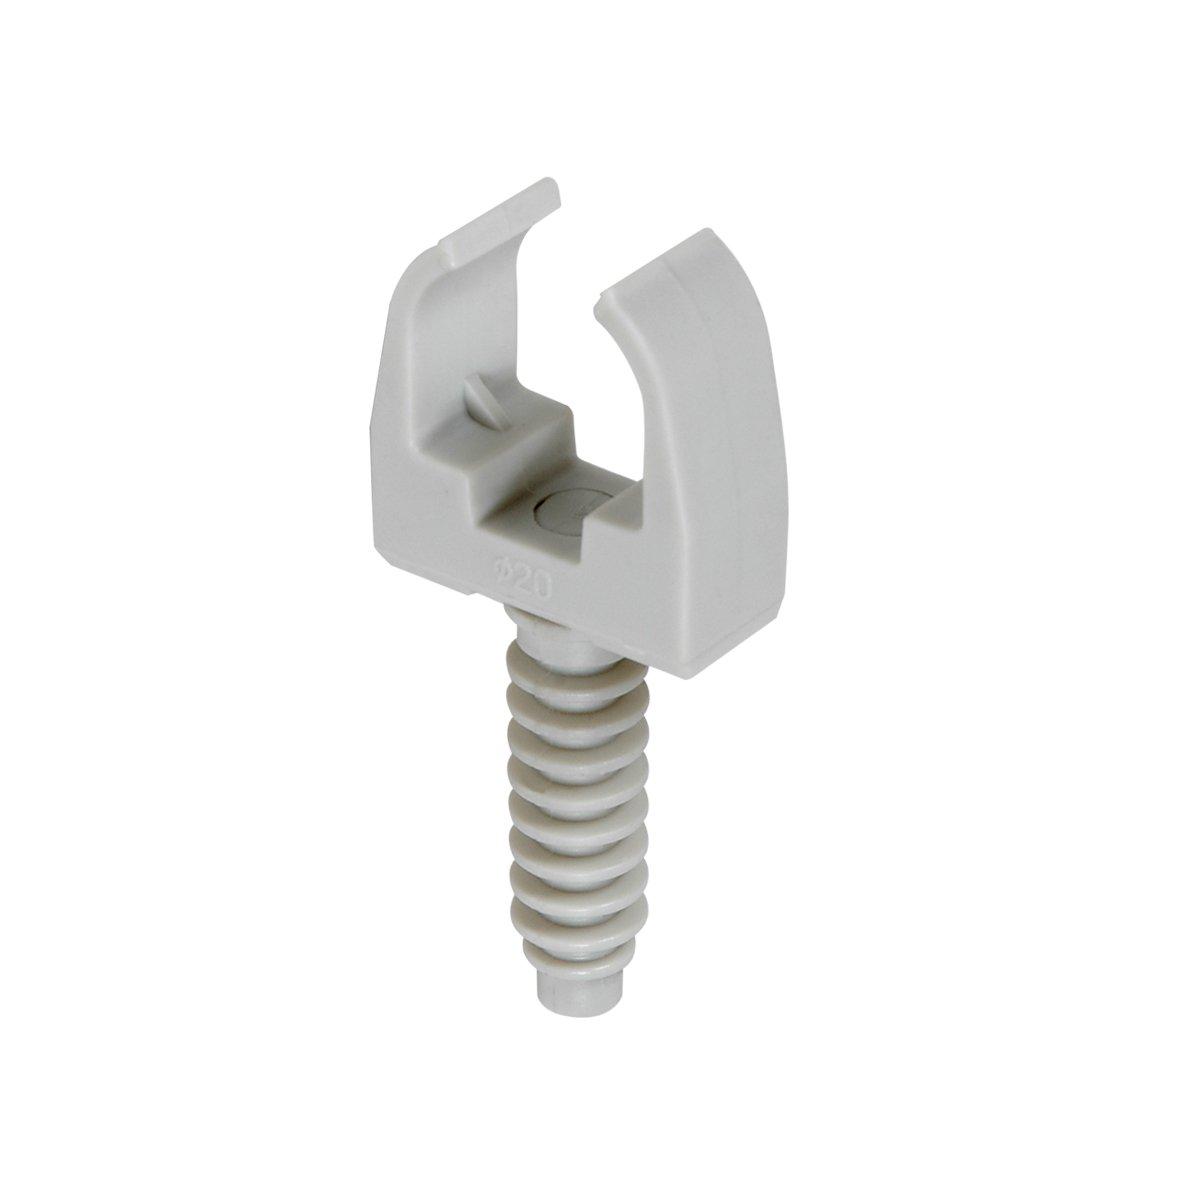 Debflex 709526 Clips cheville Diam/ètre 20 gris pour tube IRL 20 pi/èces